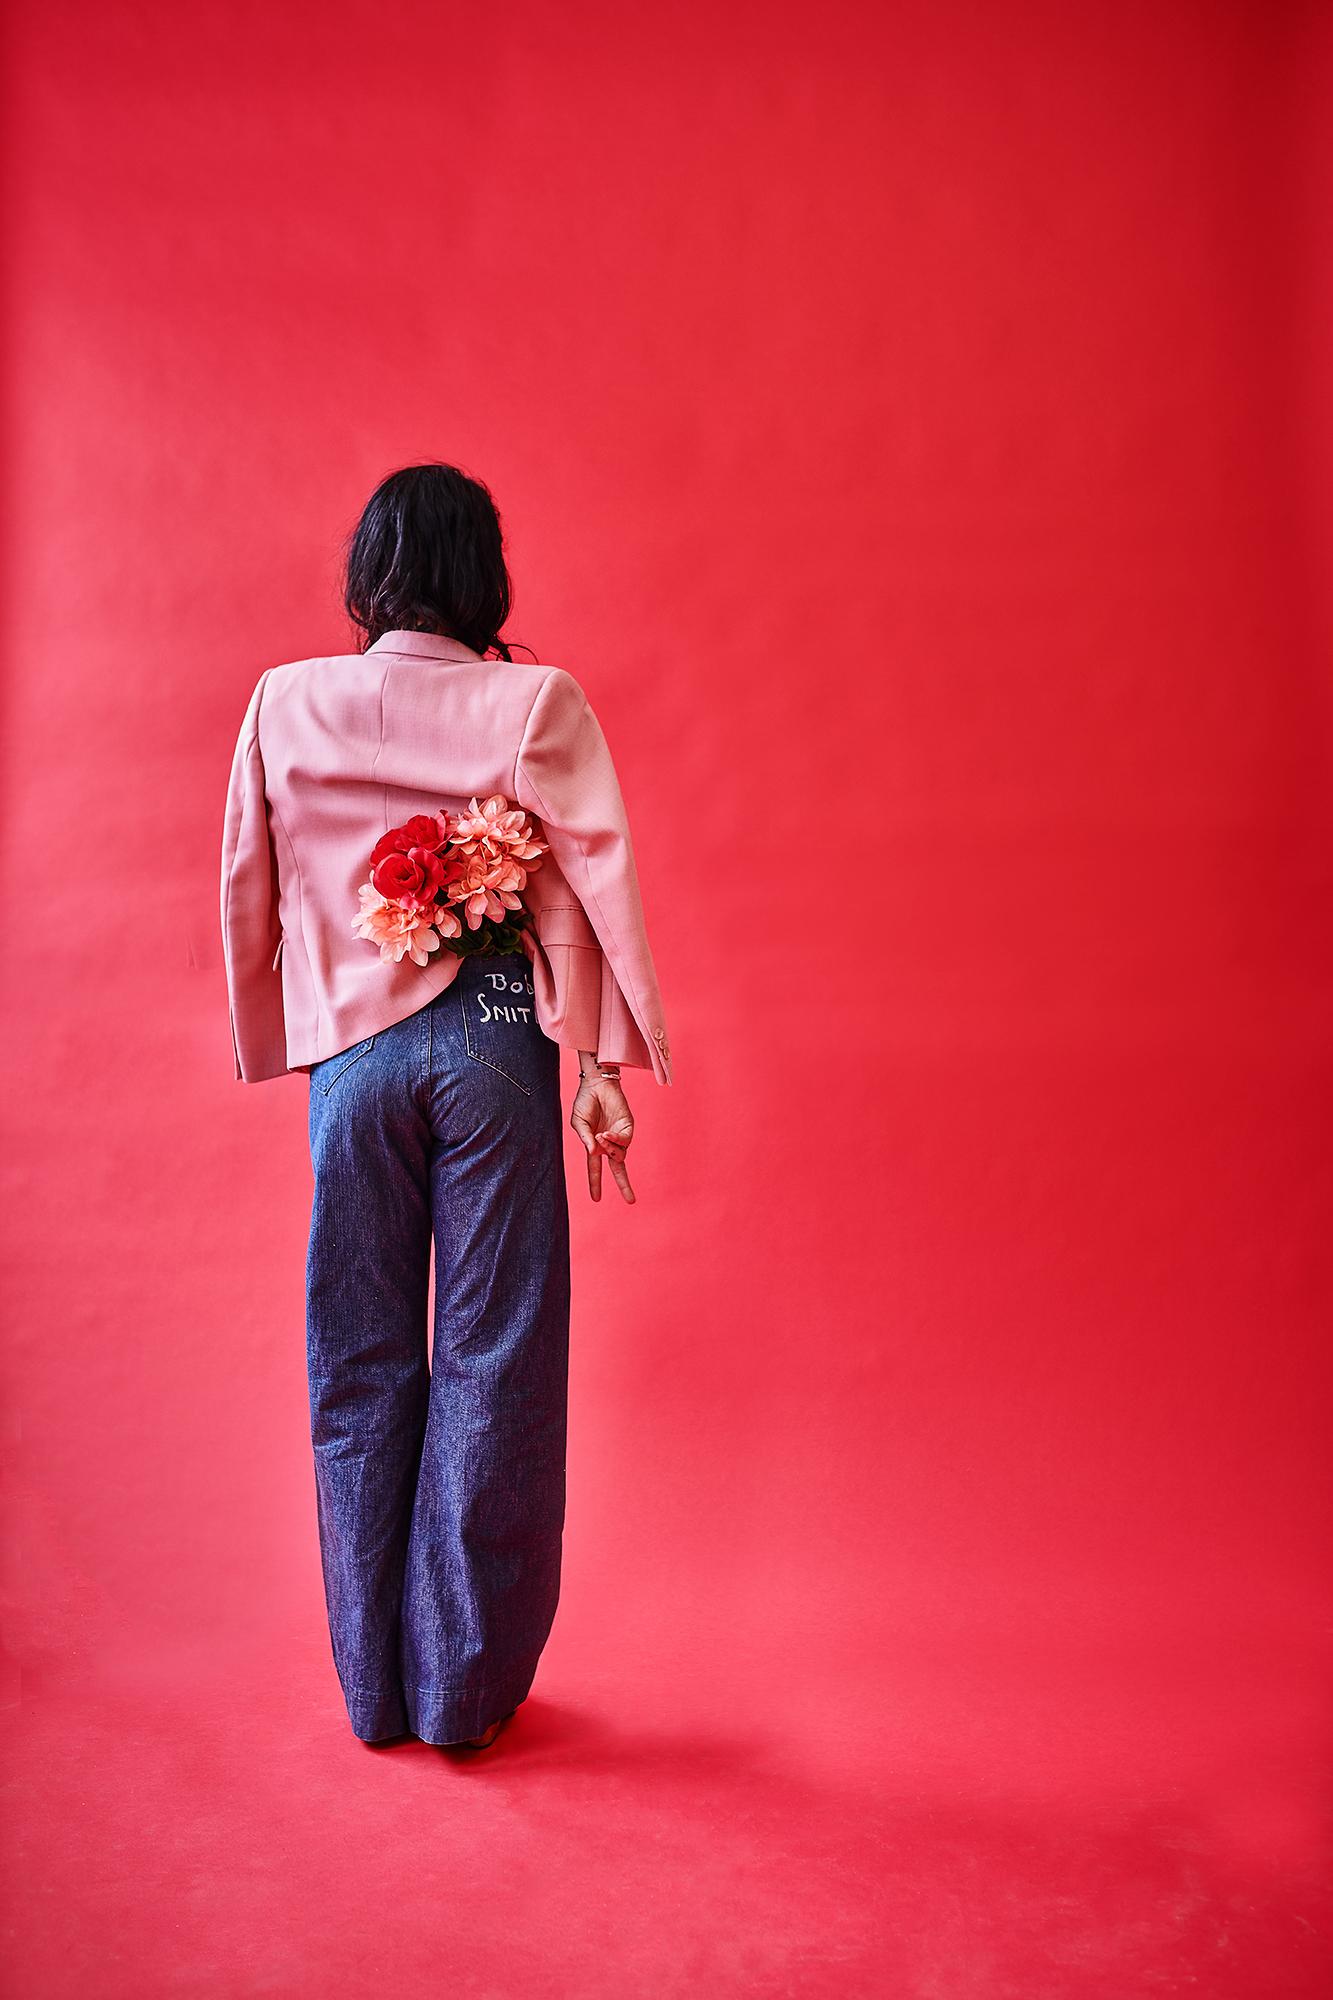 mpls-vintage_audrey-rose_crockett_2019_0-1.jpg